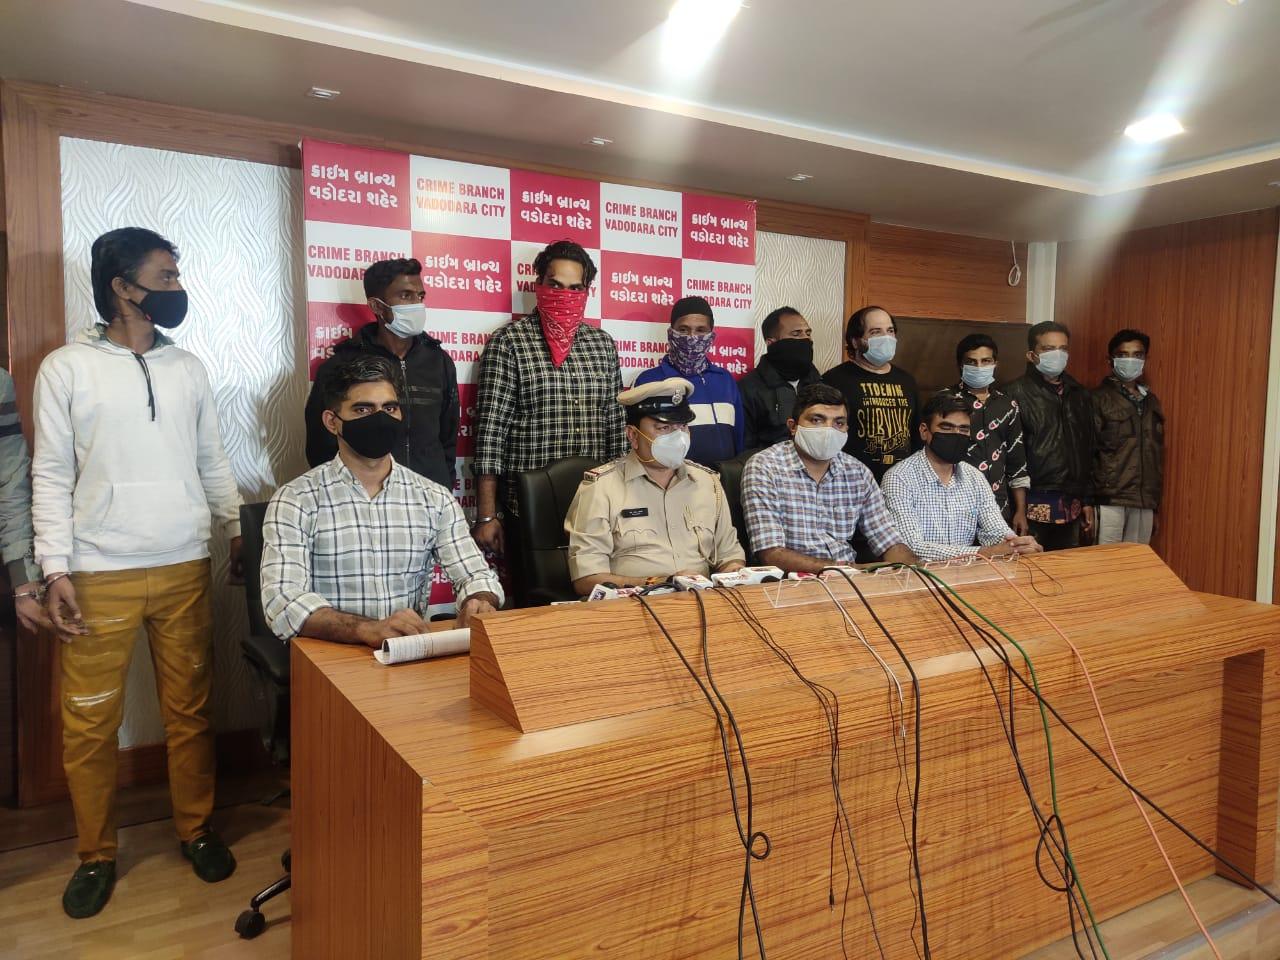 Offence registered under GujCTOC against Bichoo gang in Vadodara